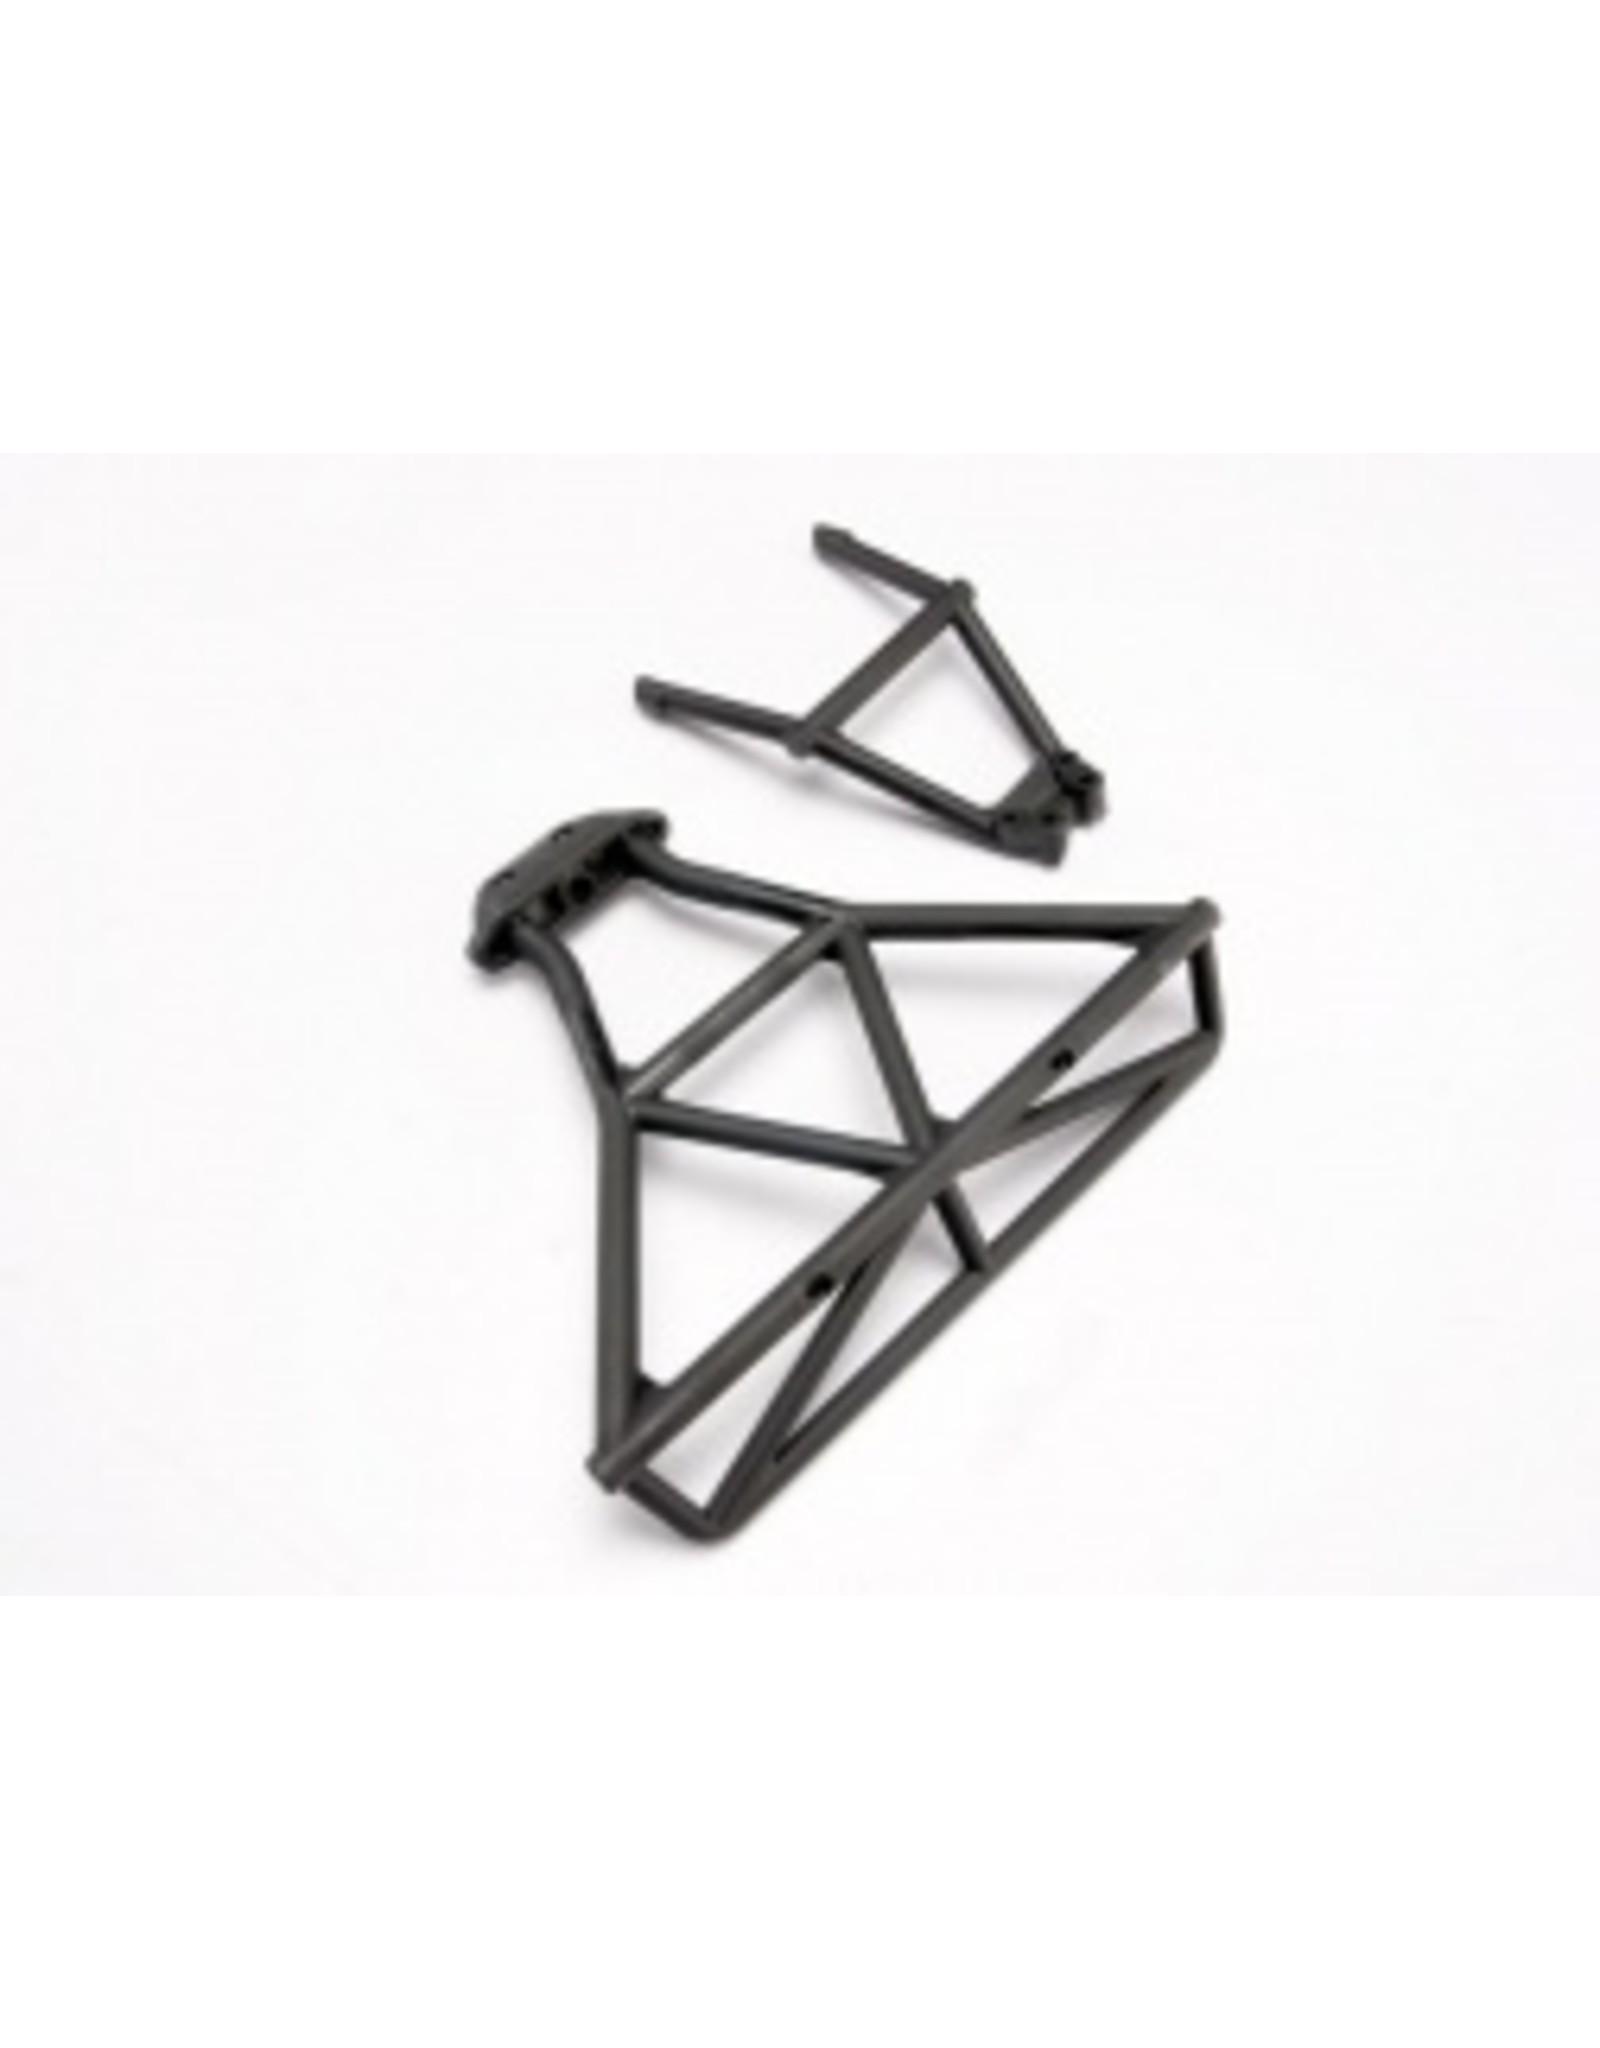 Traxxas Bumper, rear/ bumper mount, rear (black)  (6836)